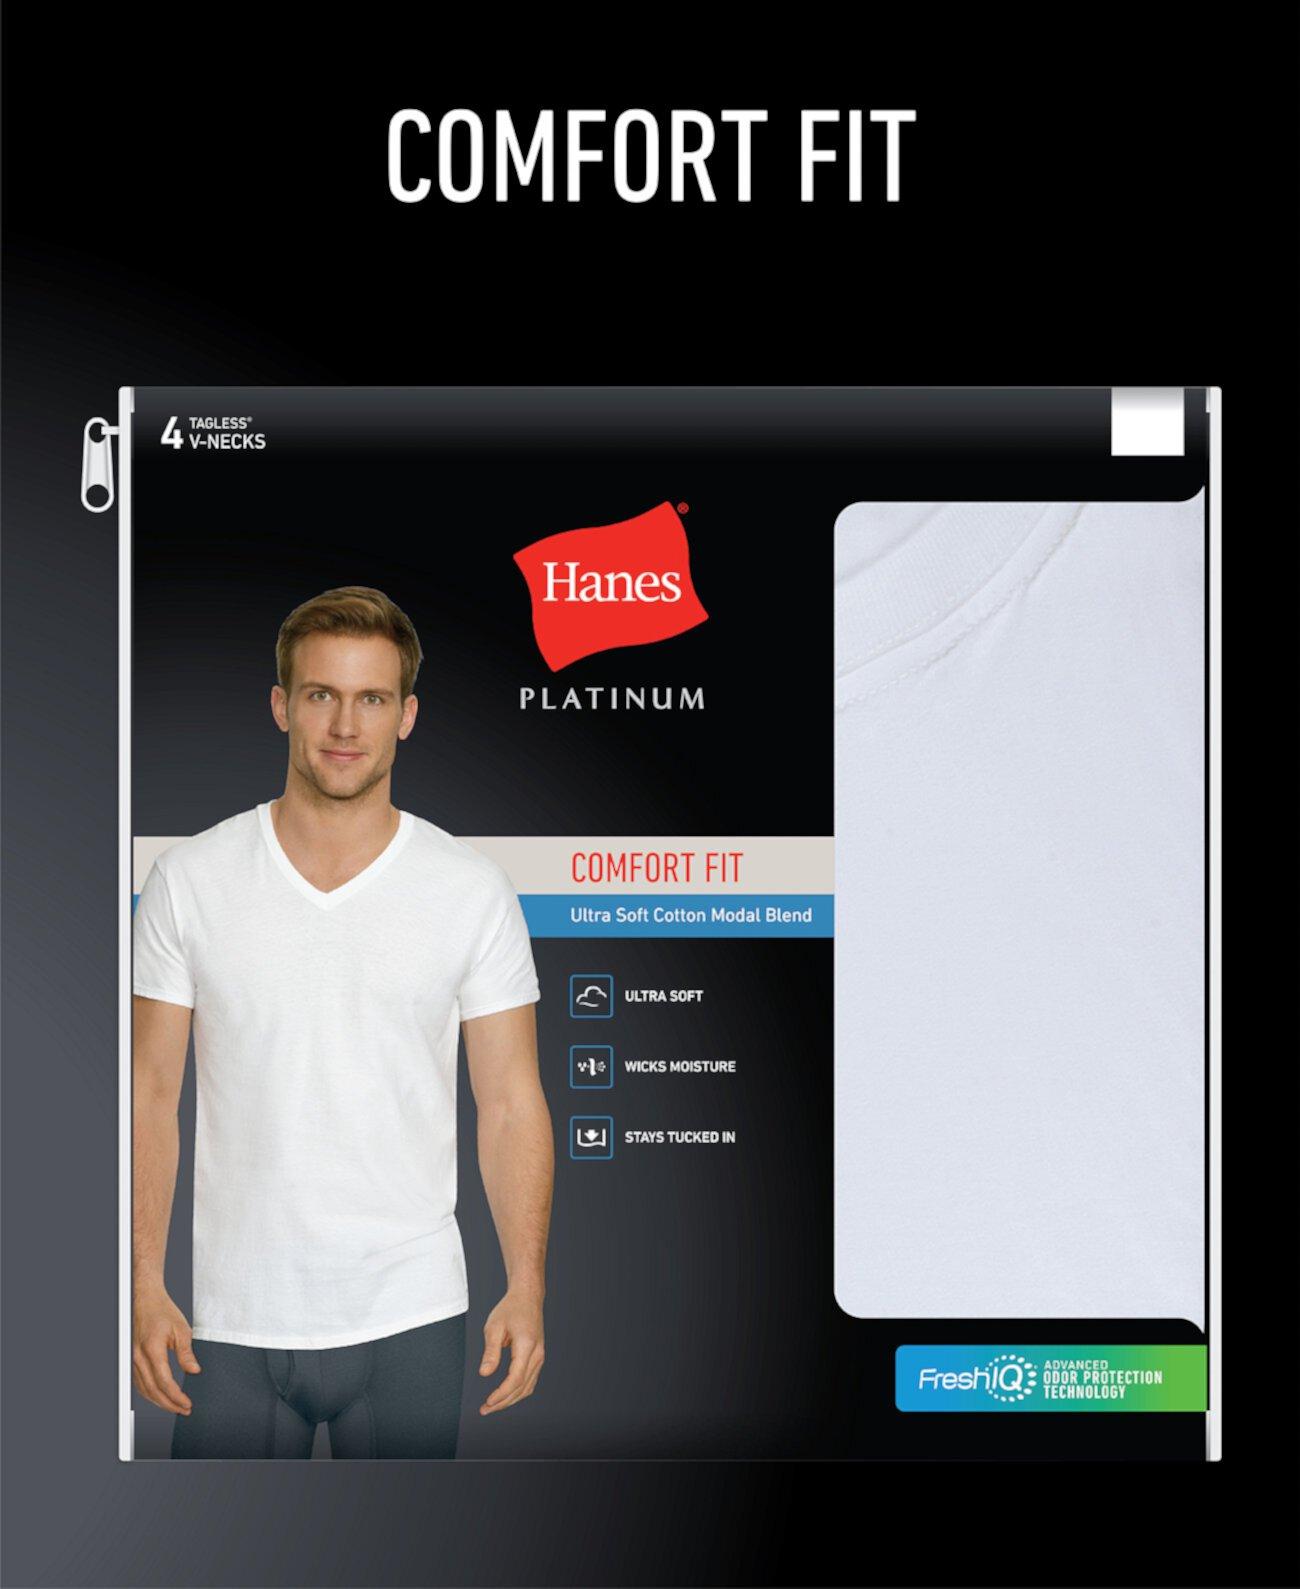 Мужские 4-шт. Футболки с V-образным вырезом Platinum Comfort Fit Hanes